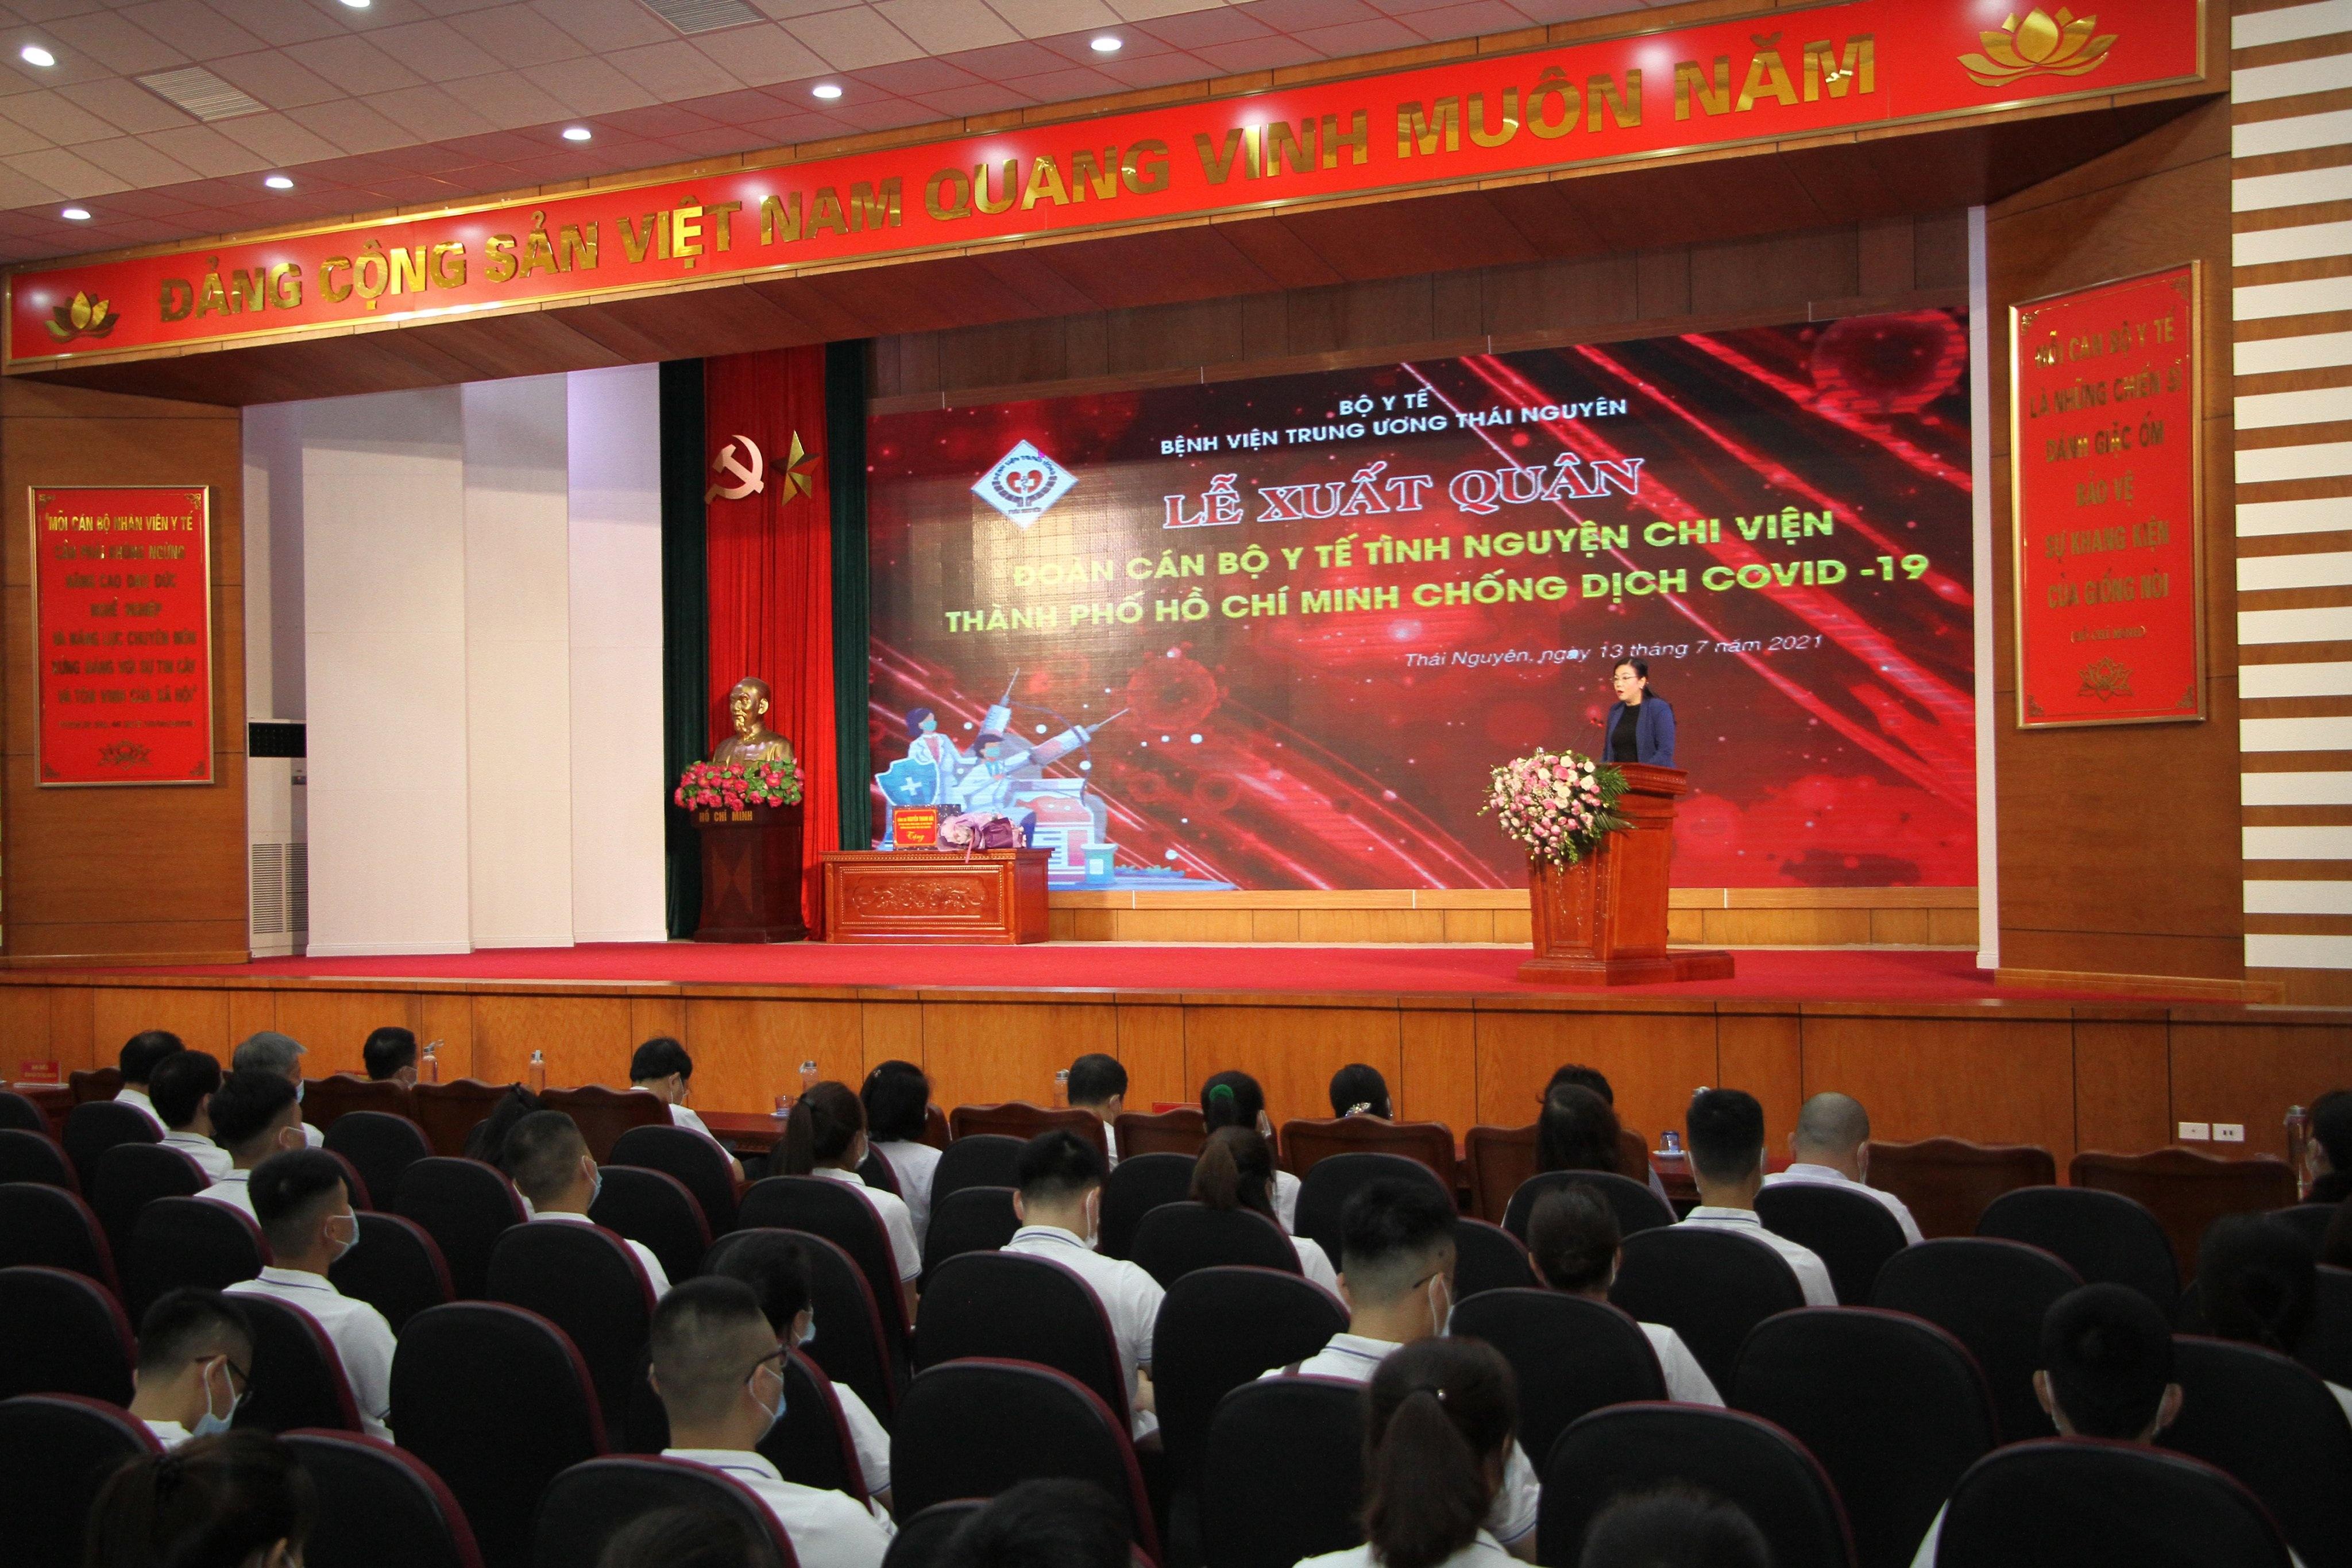 Chi viện 79 y, bác sĩ hỗ trợ thành phố Hồ Chí Minh chống dịch COVID-19